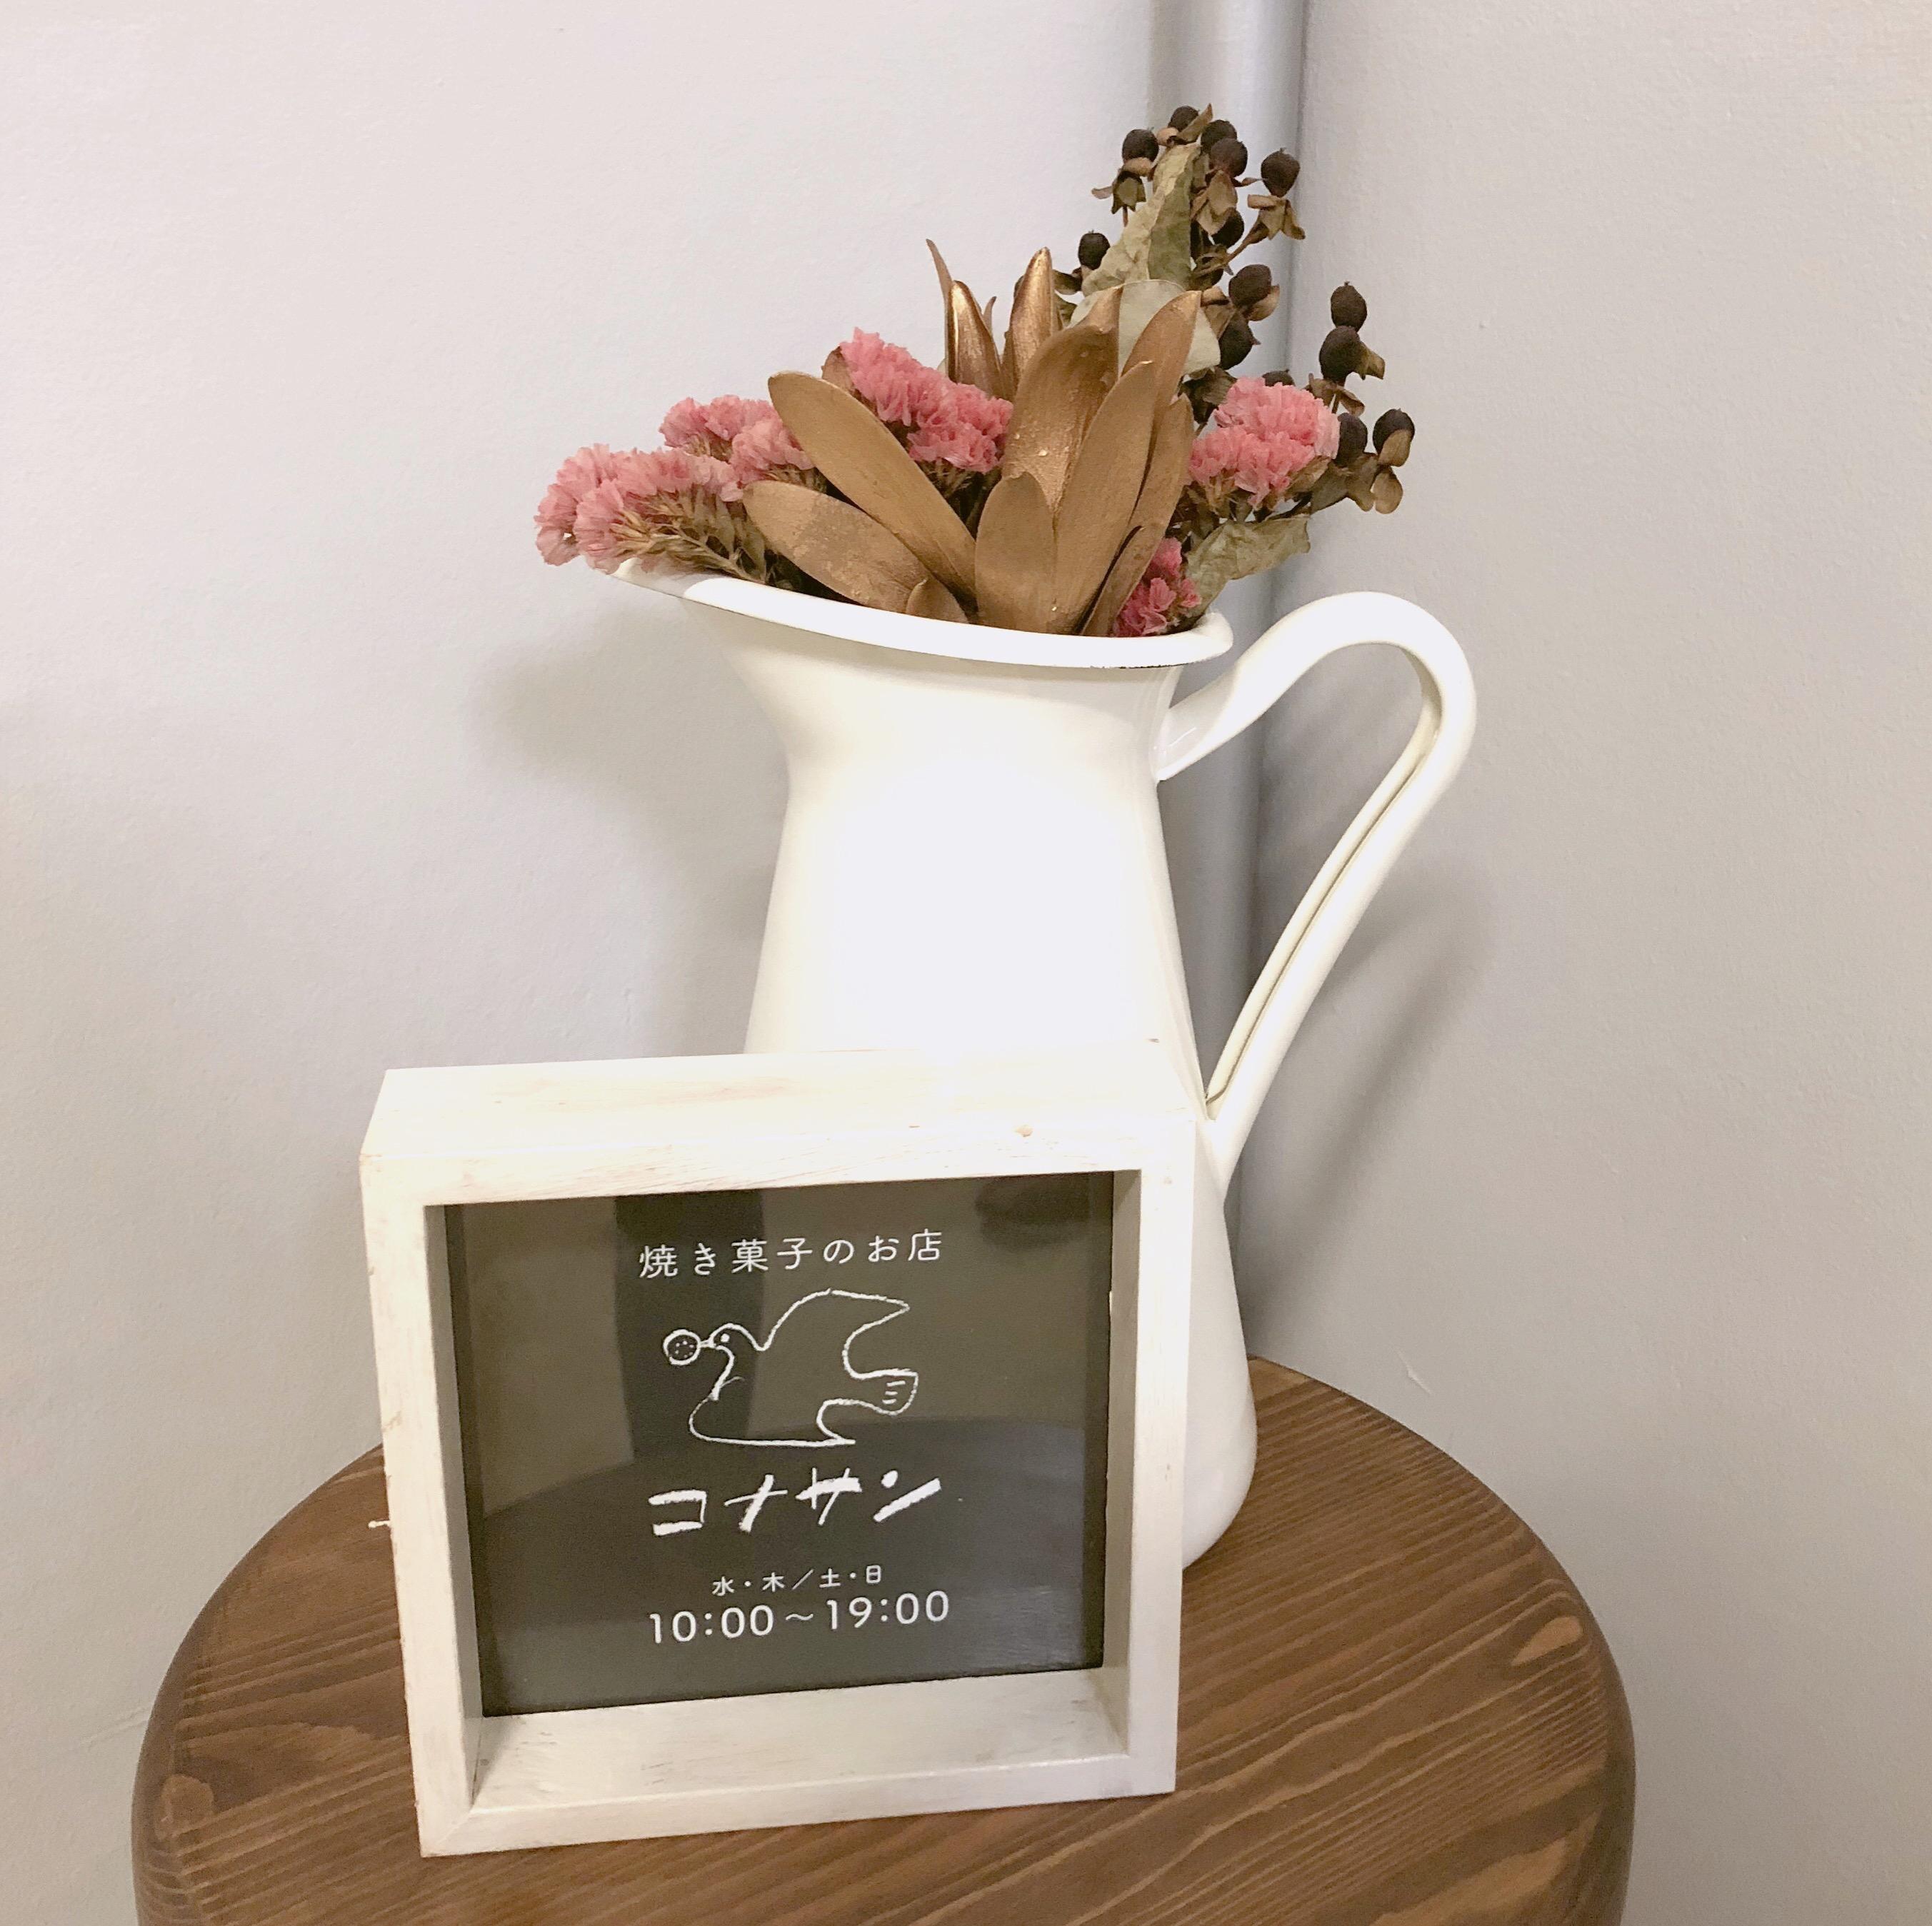 小さな焼き菓子屋さん 『 コナサン 』の素朴で優しいクッキーにほっこり♡ _1